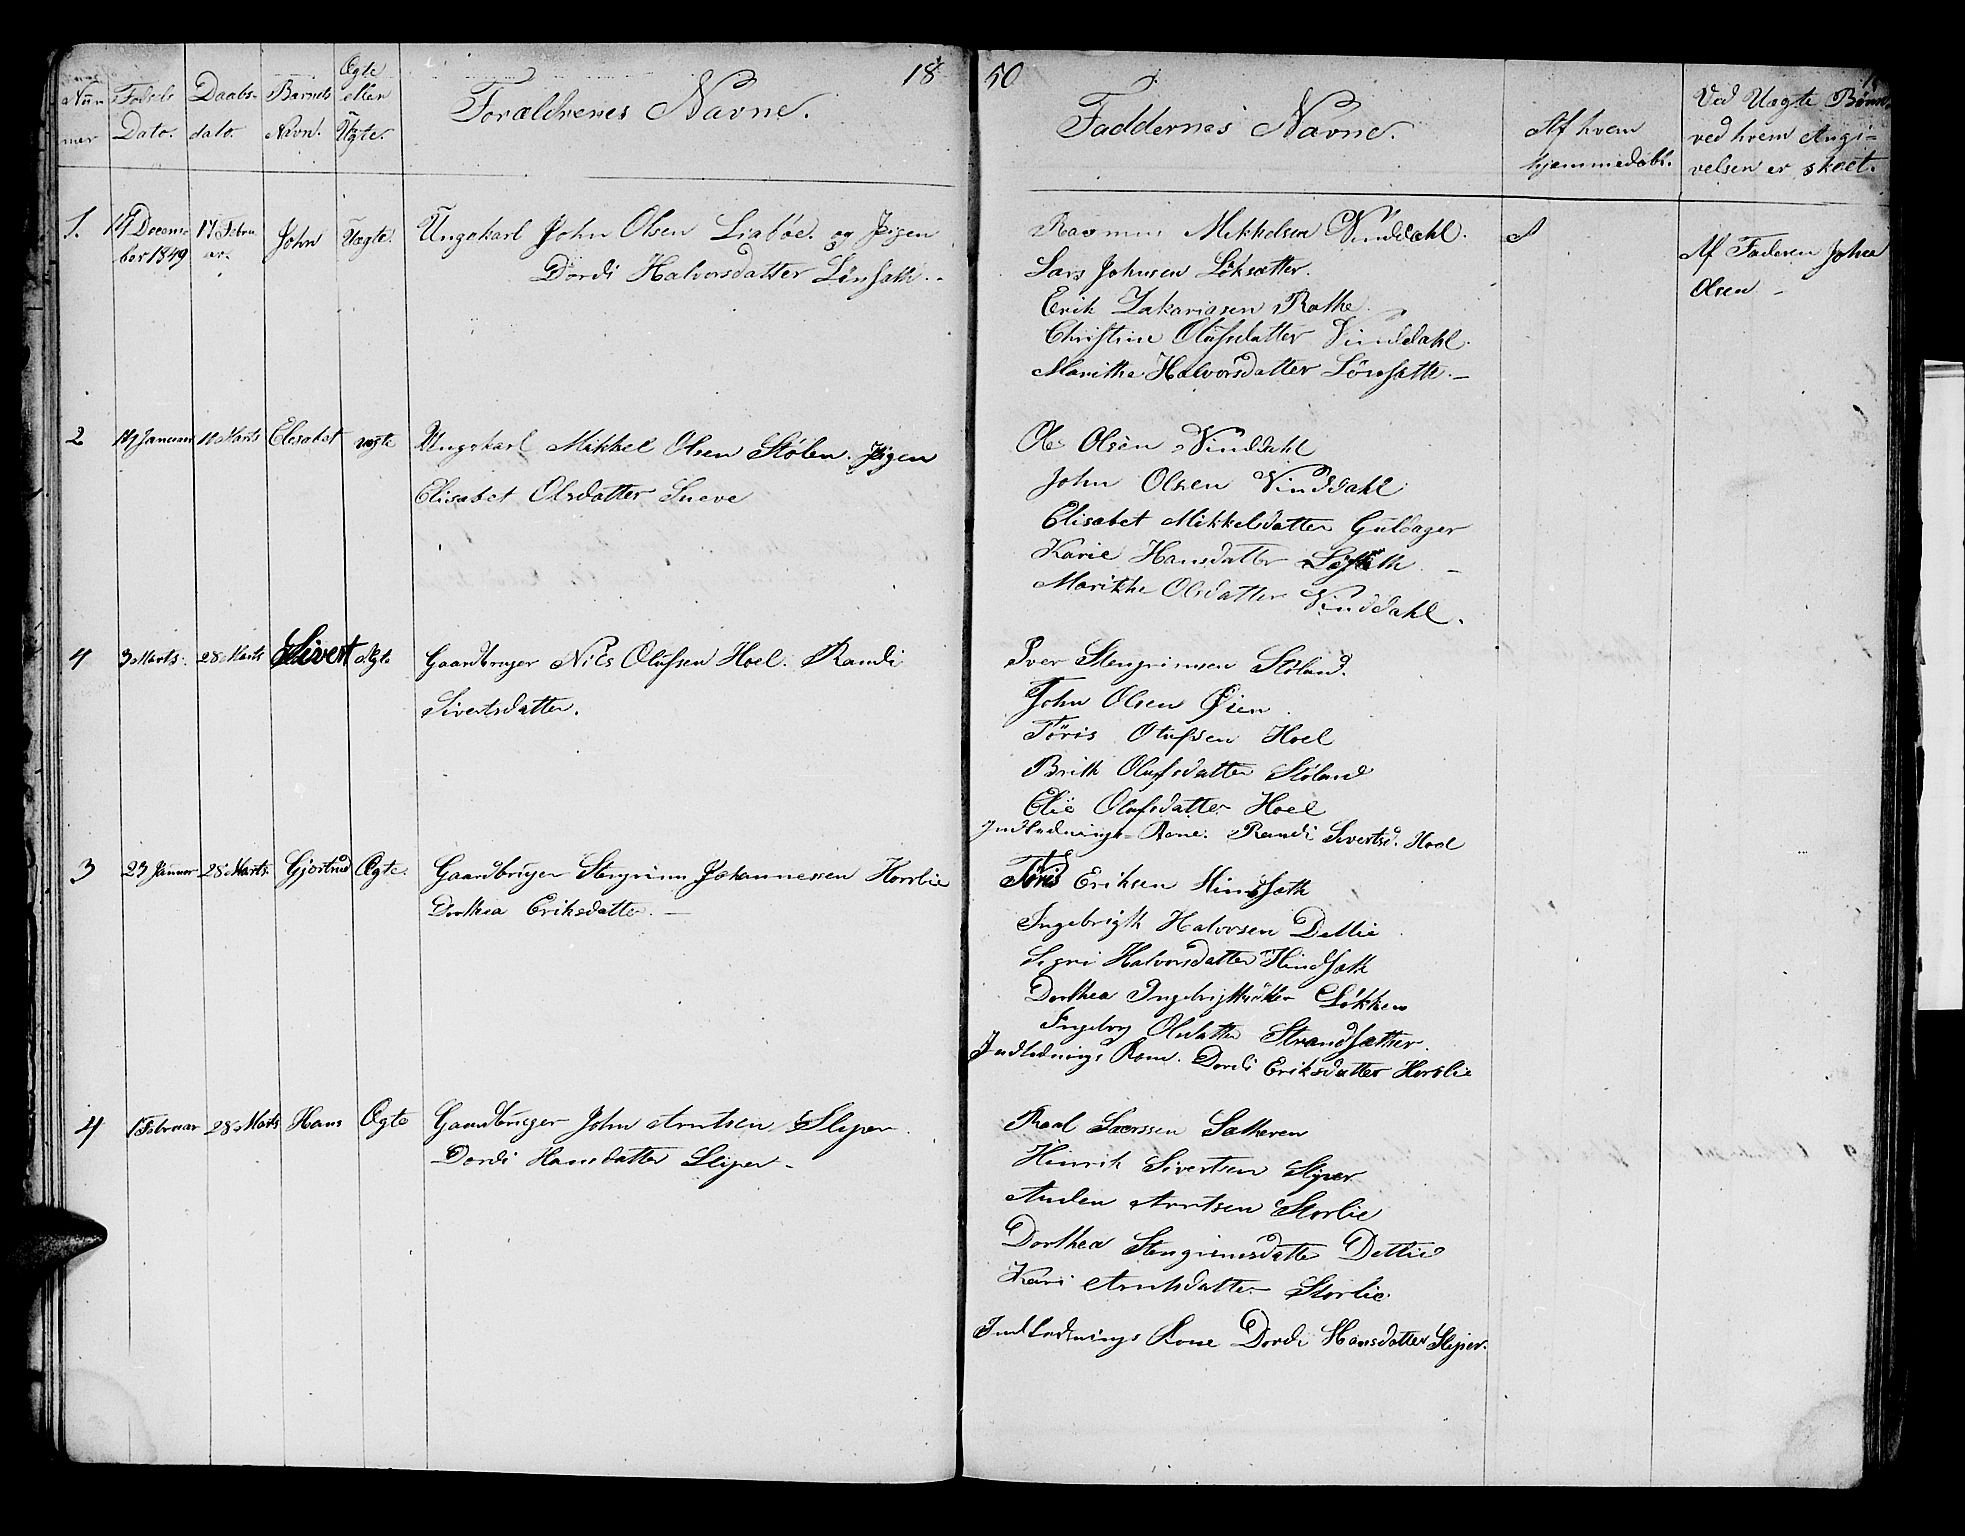 SAT, Ministerialprotokoller, klokkerbøker og fødselsregistre - Sør-Trøndelag, 679/L0922: Klokkerbok nr. 679C02, 1845-1851, s. 15